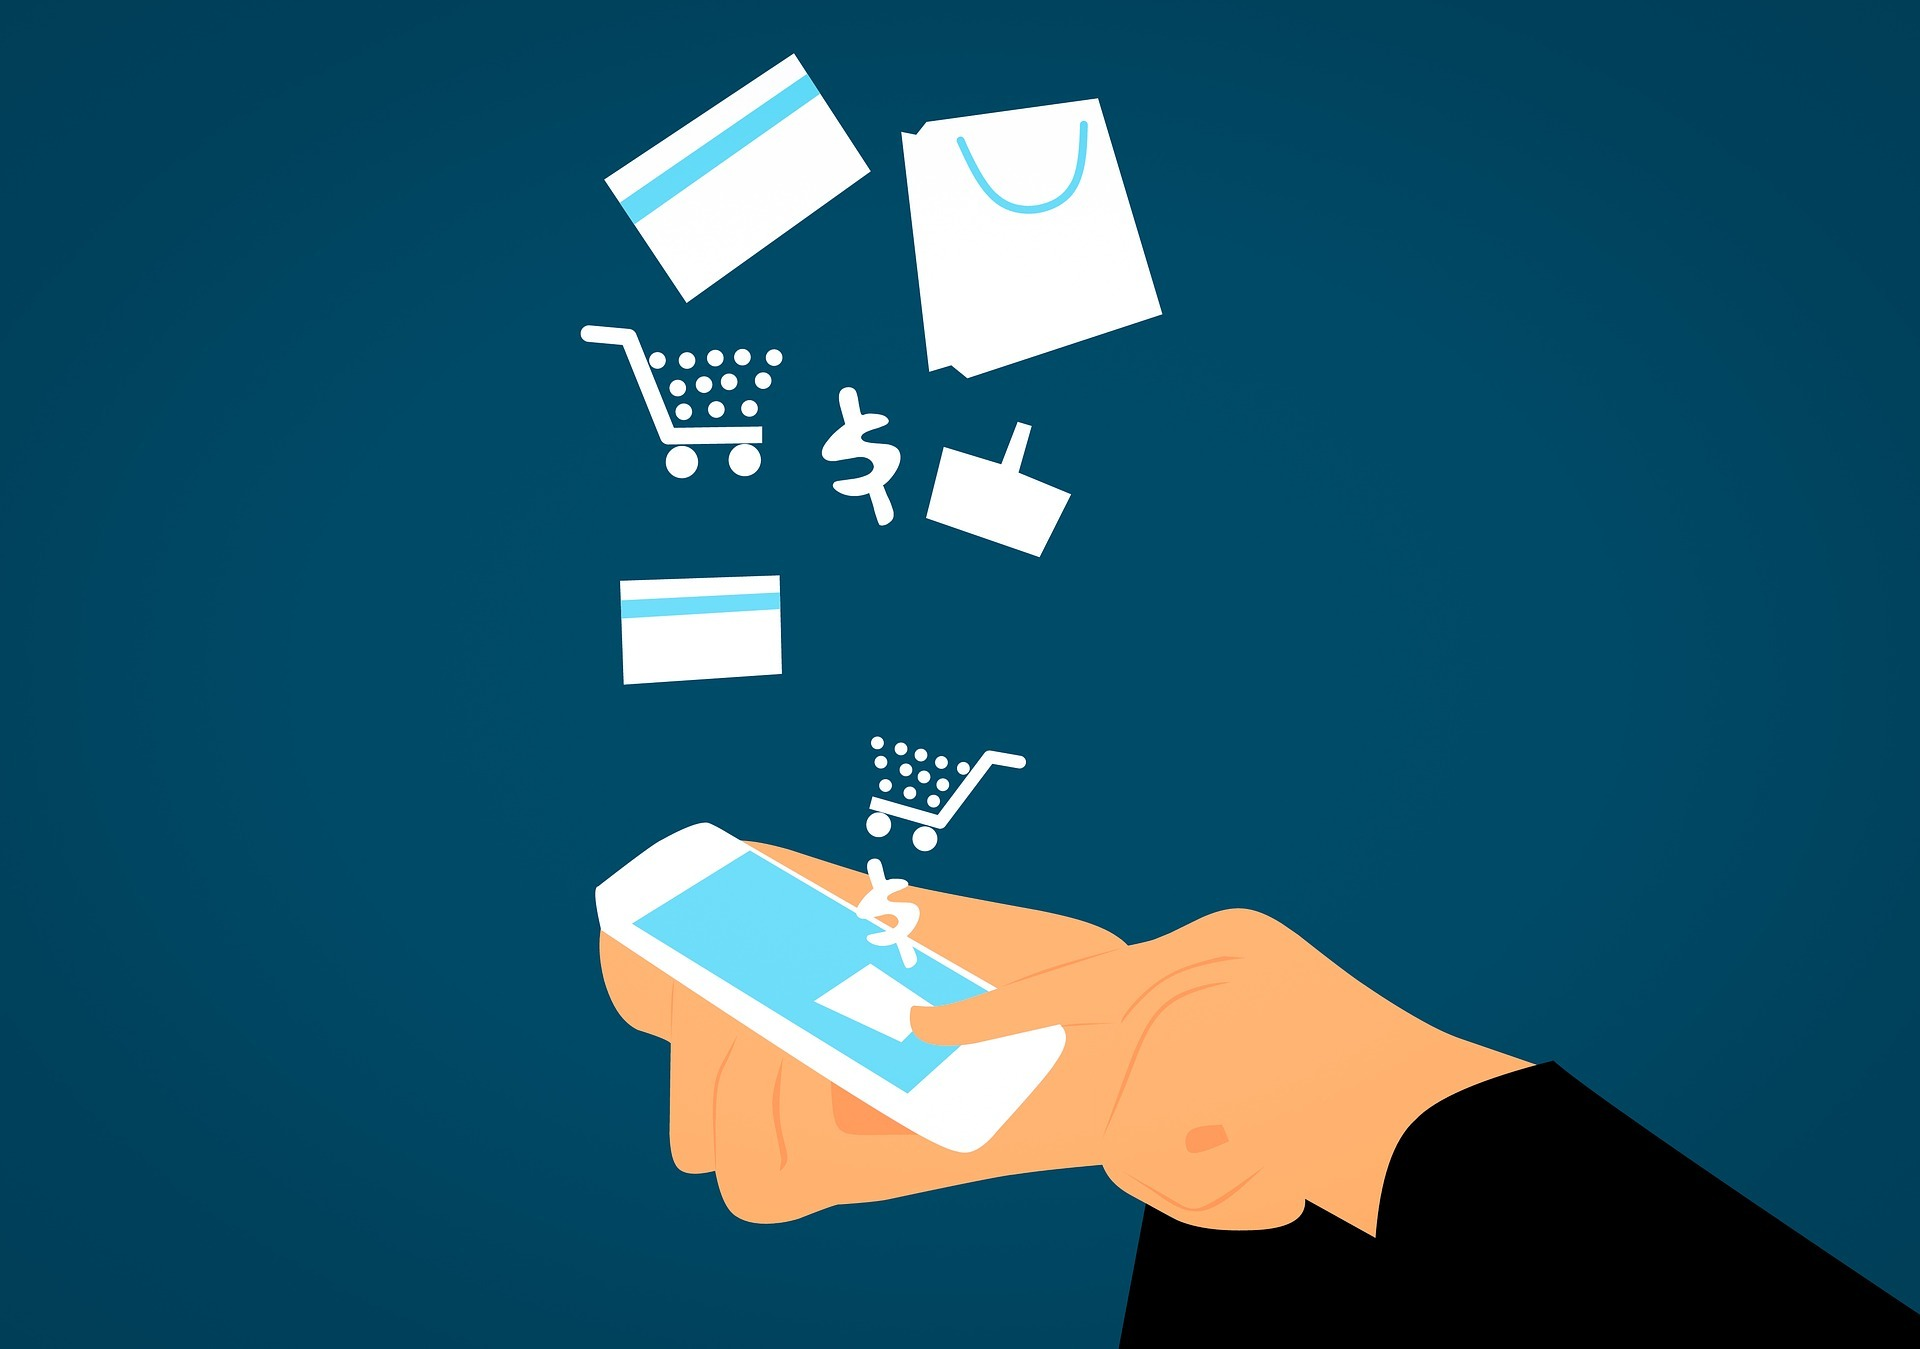 線上購物平台將成新媒體入口?從蝦皮購物看電商 4 大趨勢